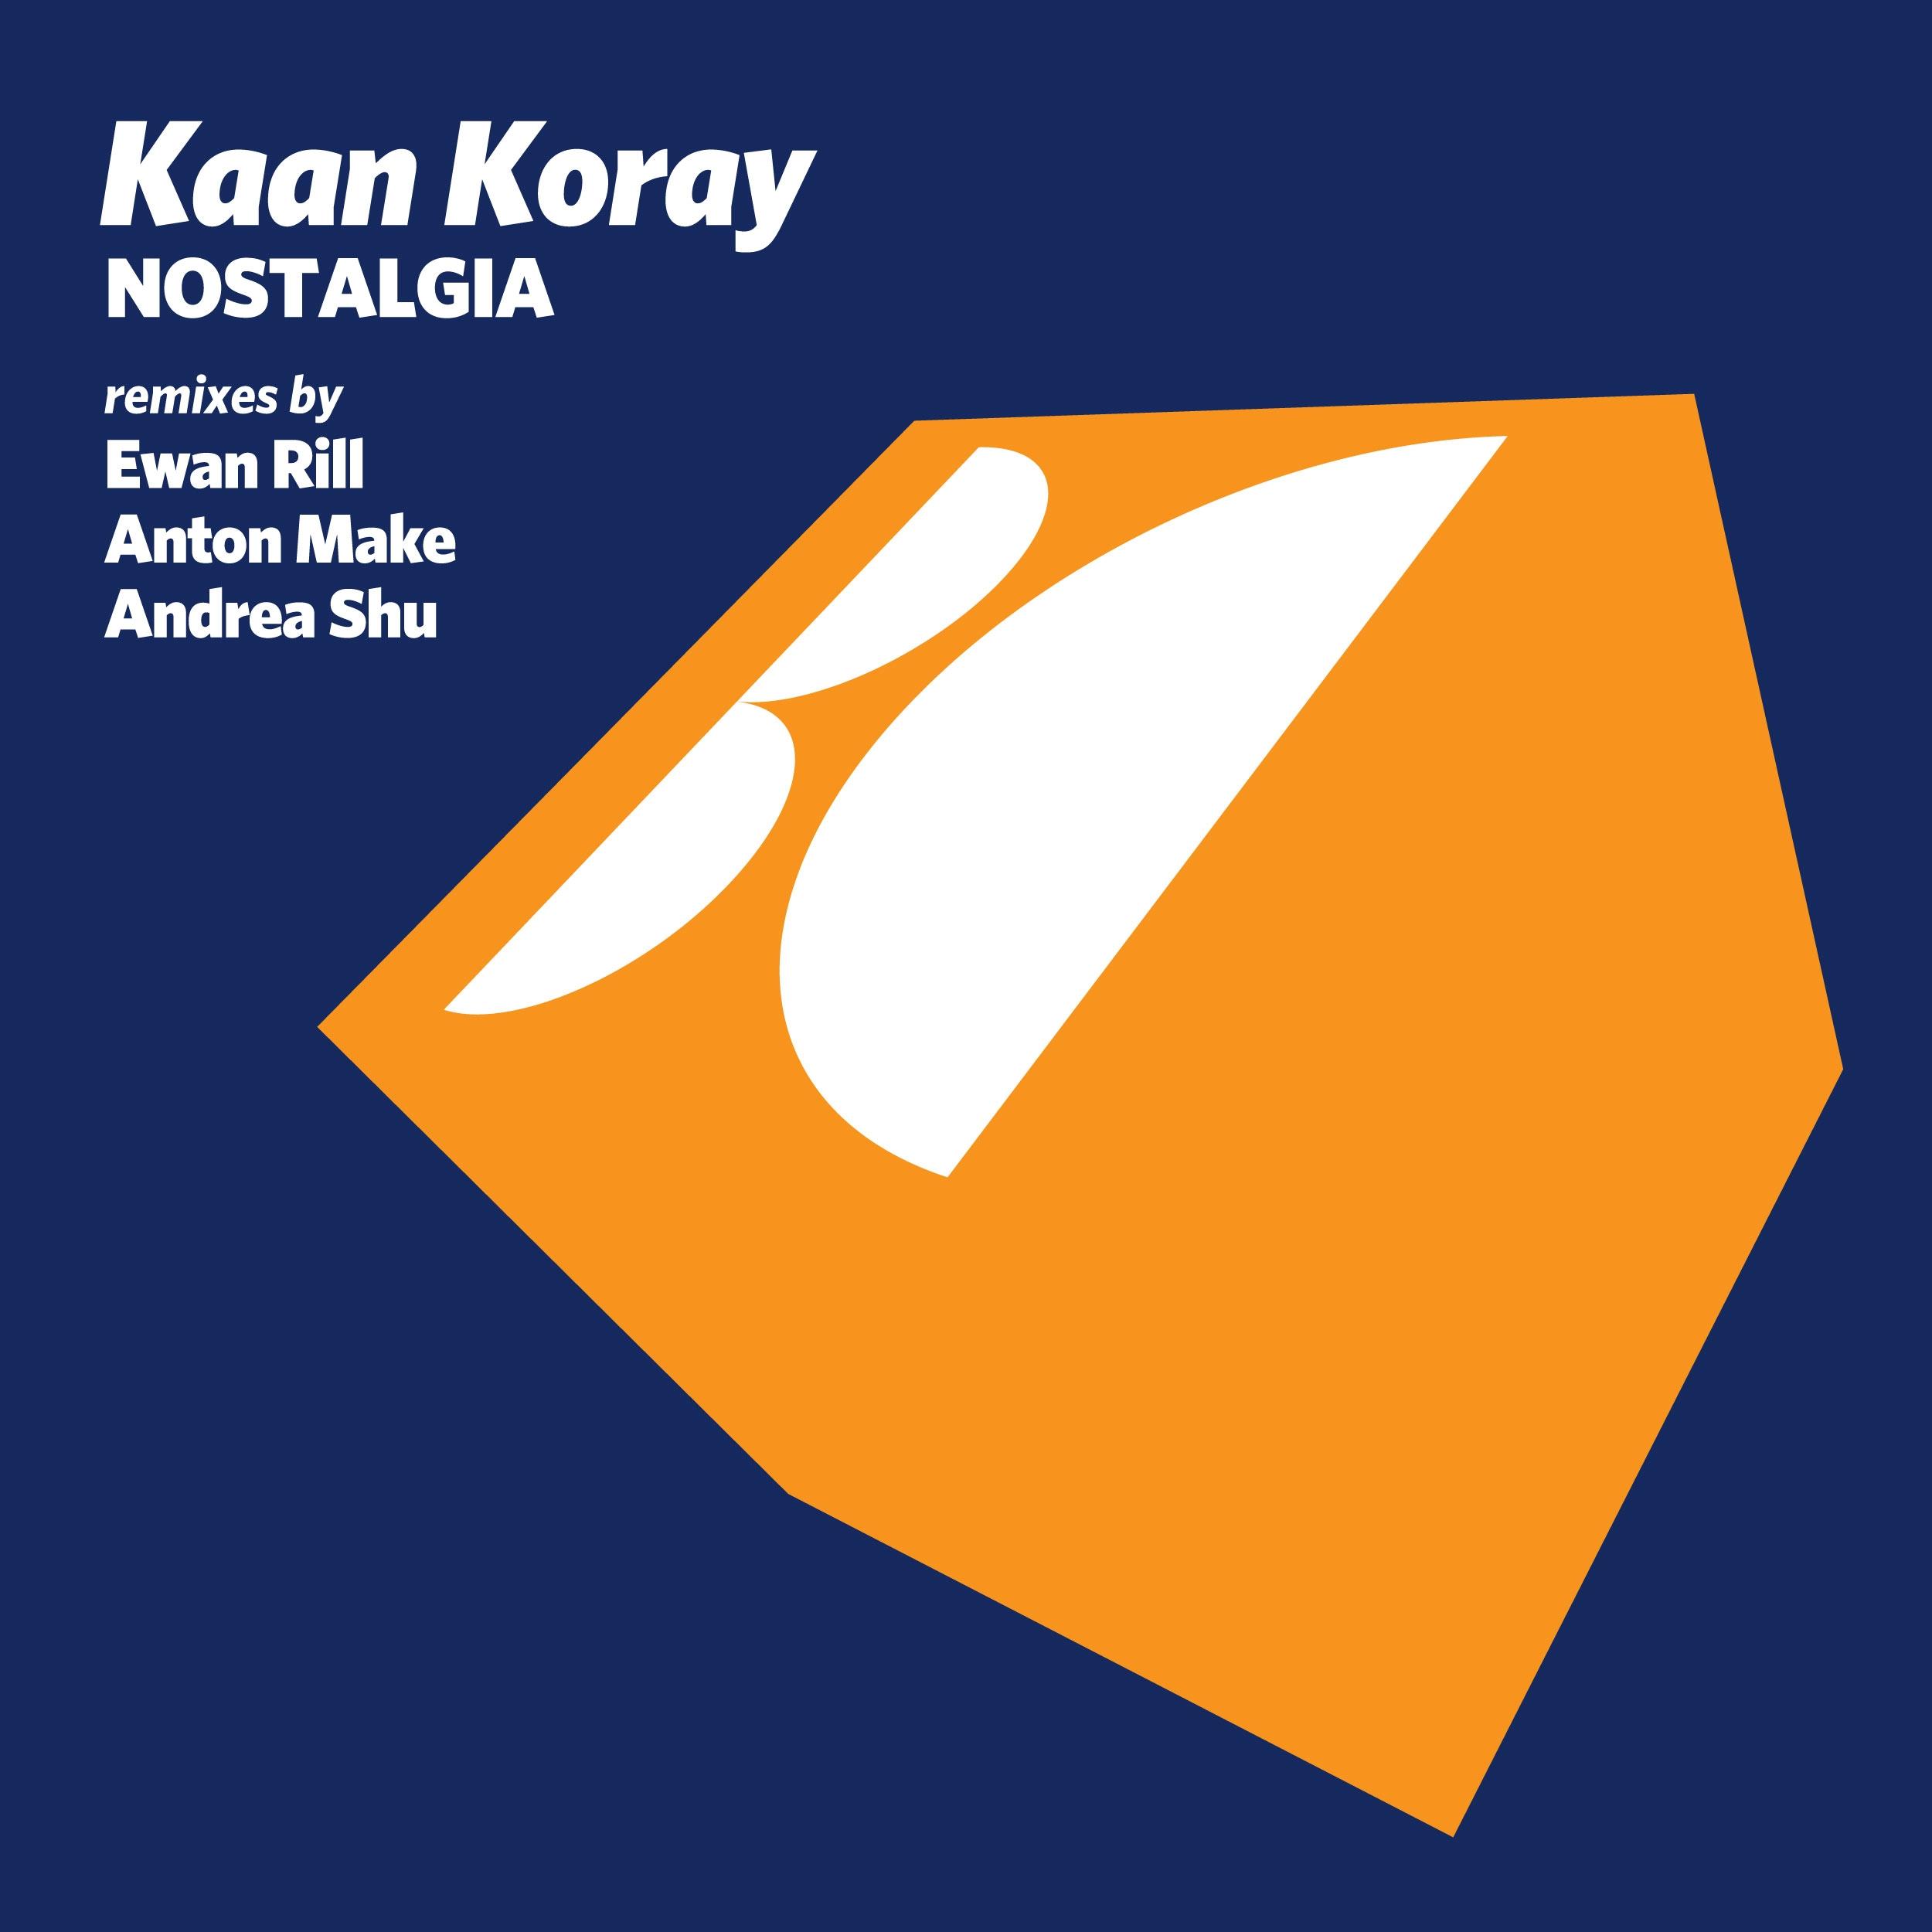 Kaan Koray - Nostalgia